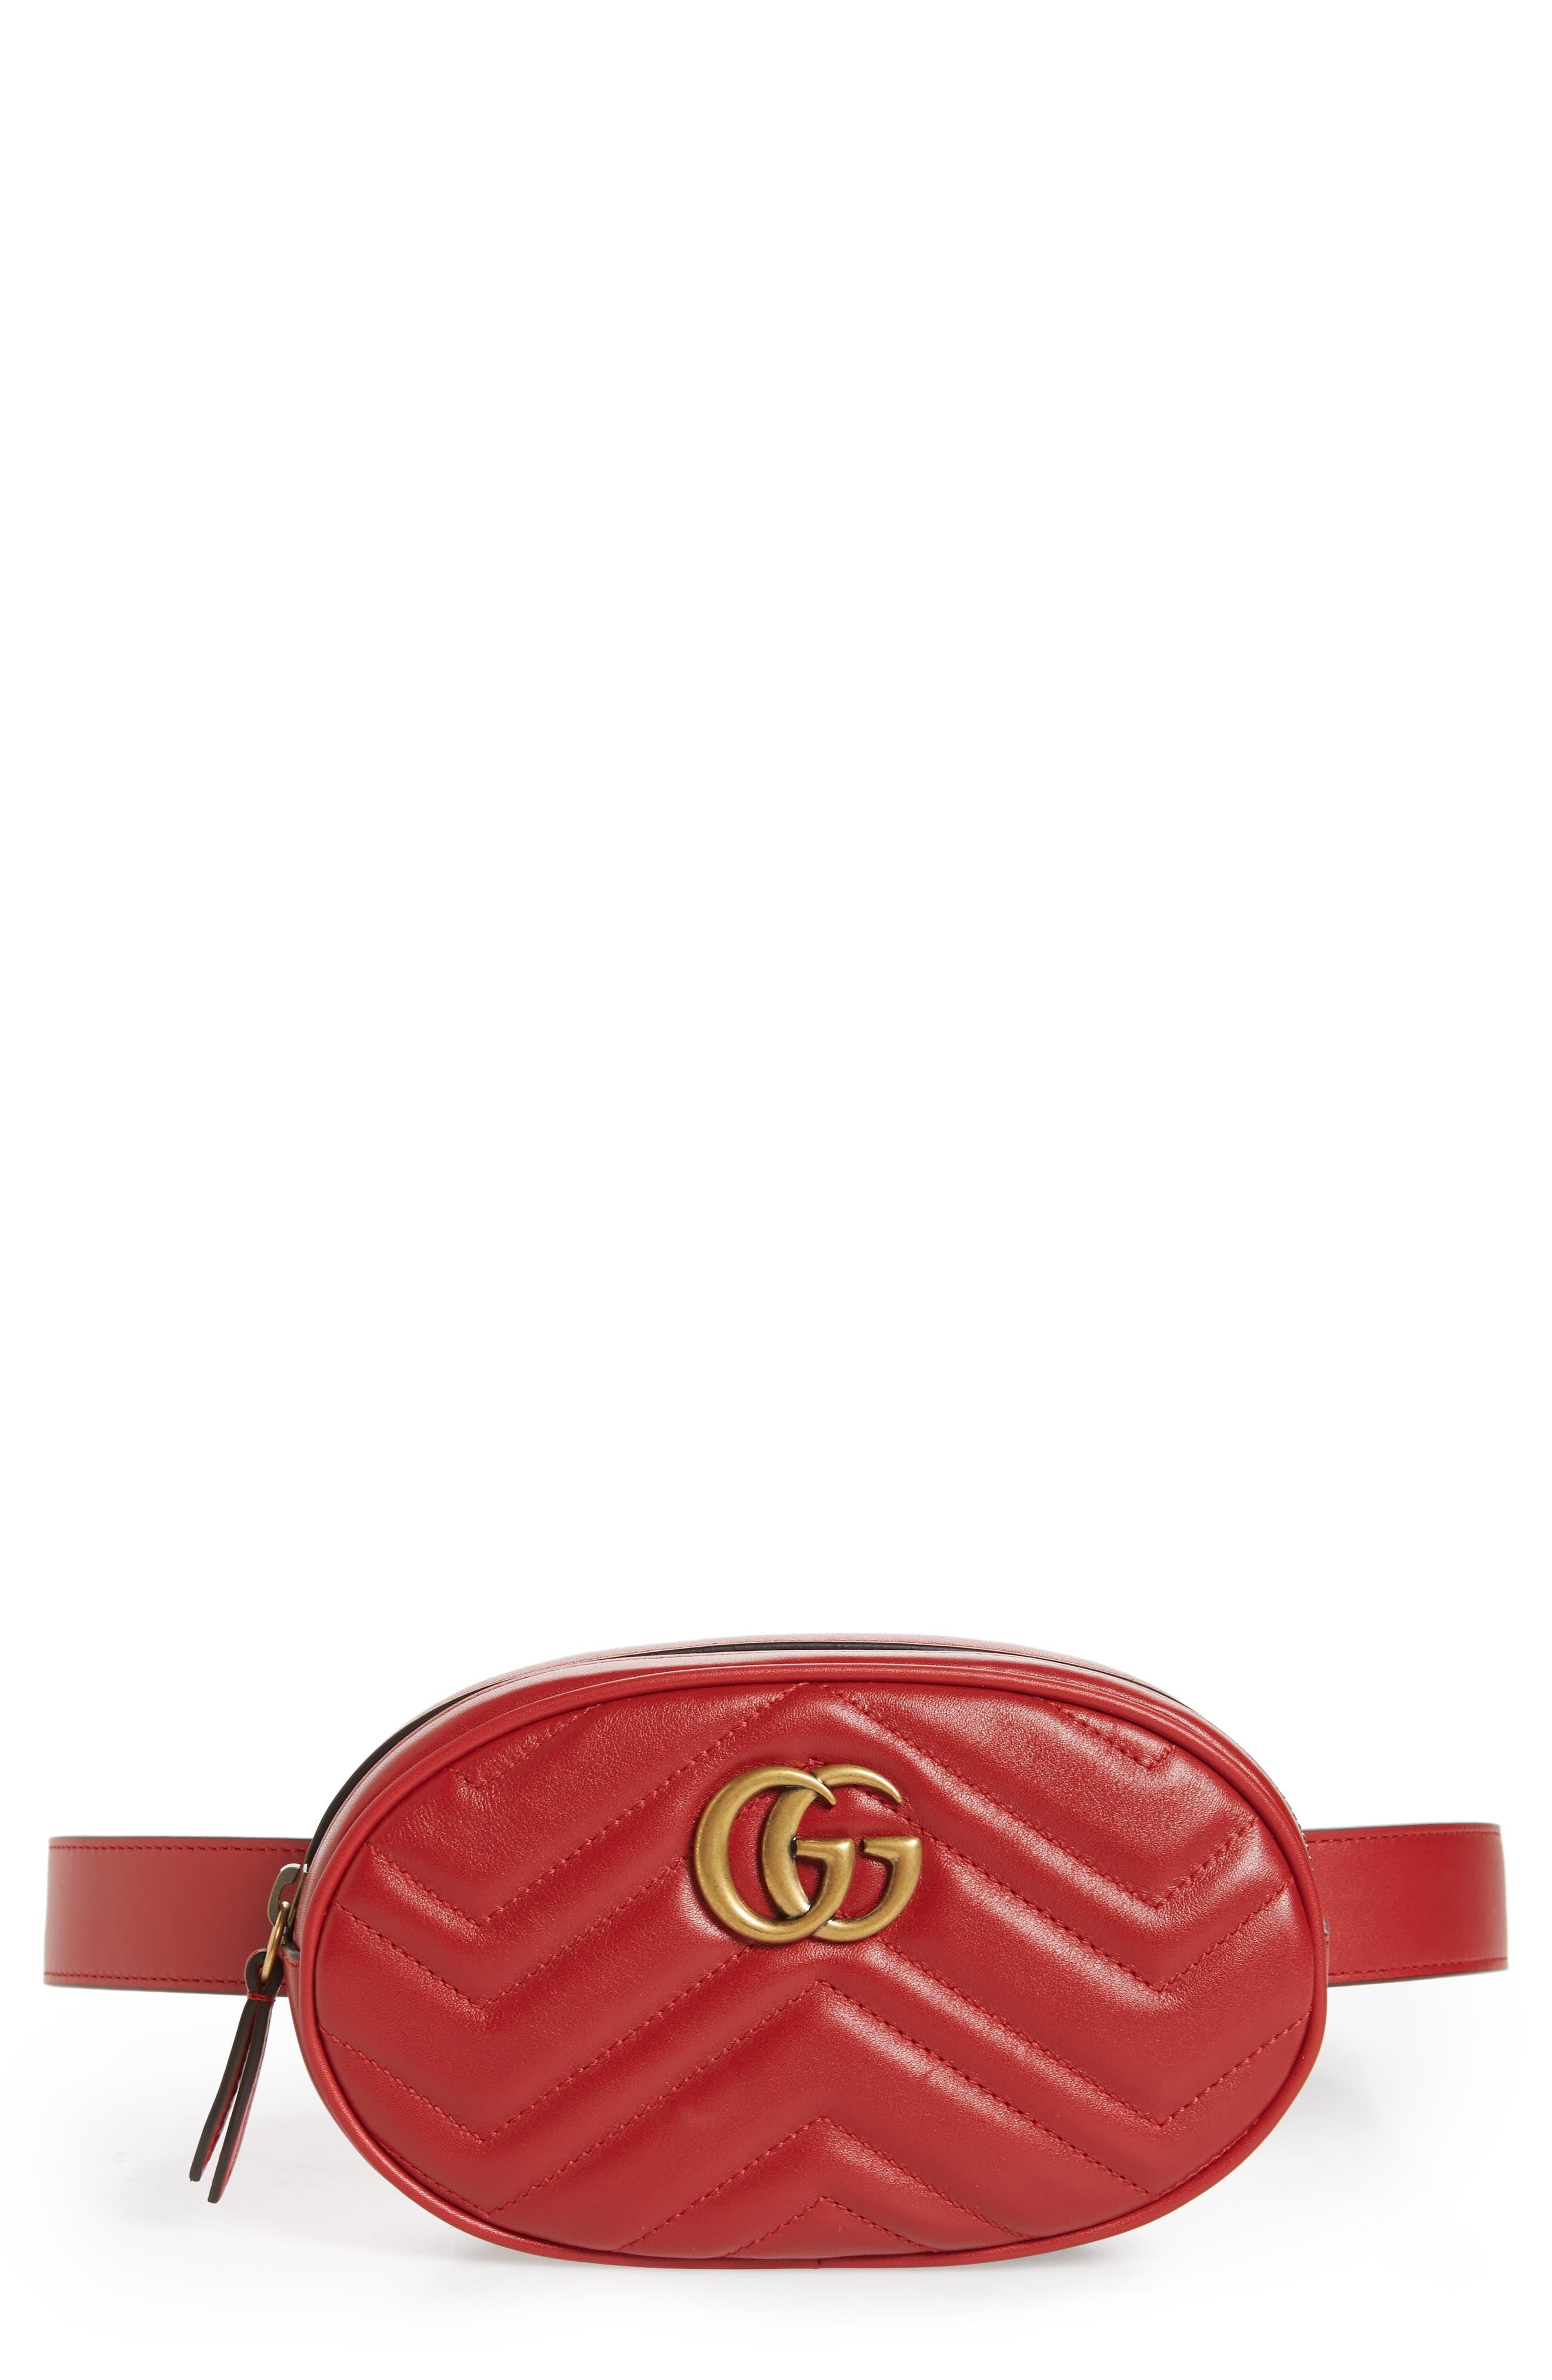 GG Marmont Matelassé Leather Belt Bag,                         Main,                         color, 625